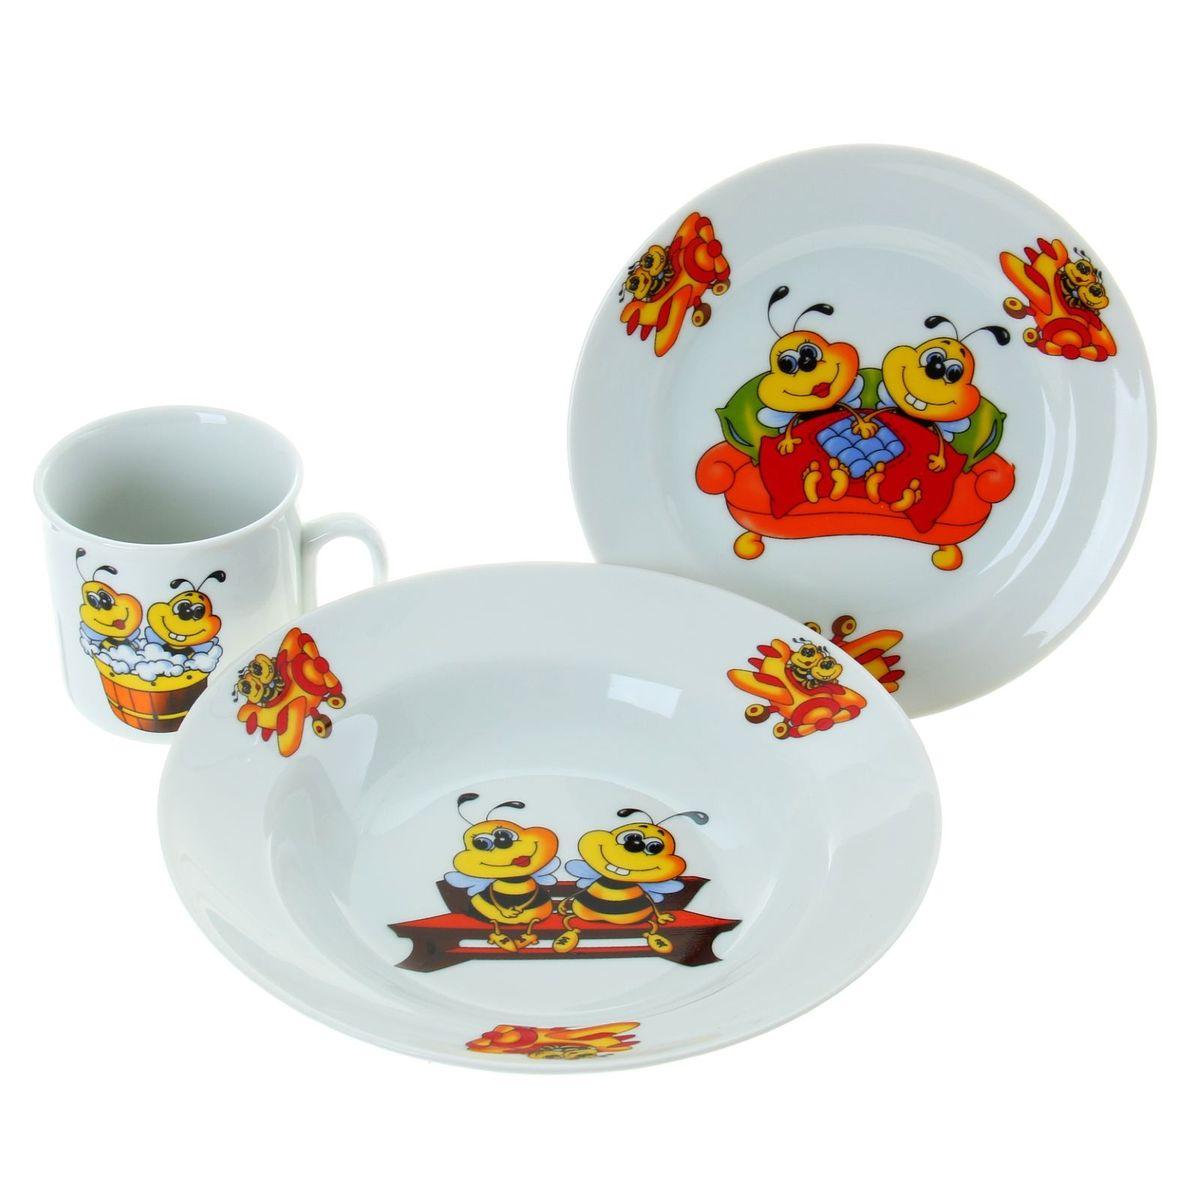 Набор посуды Идиллия. Пчелы, 3 предмета. 653653кружка 200 мл, 1 шт.;десертная тарелка 170 мм, 1 шт.;салатник 360 мл, 1 шт.